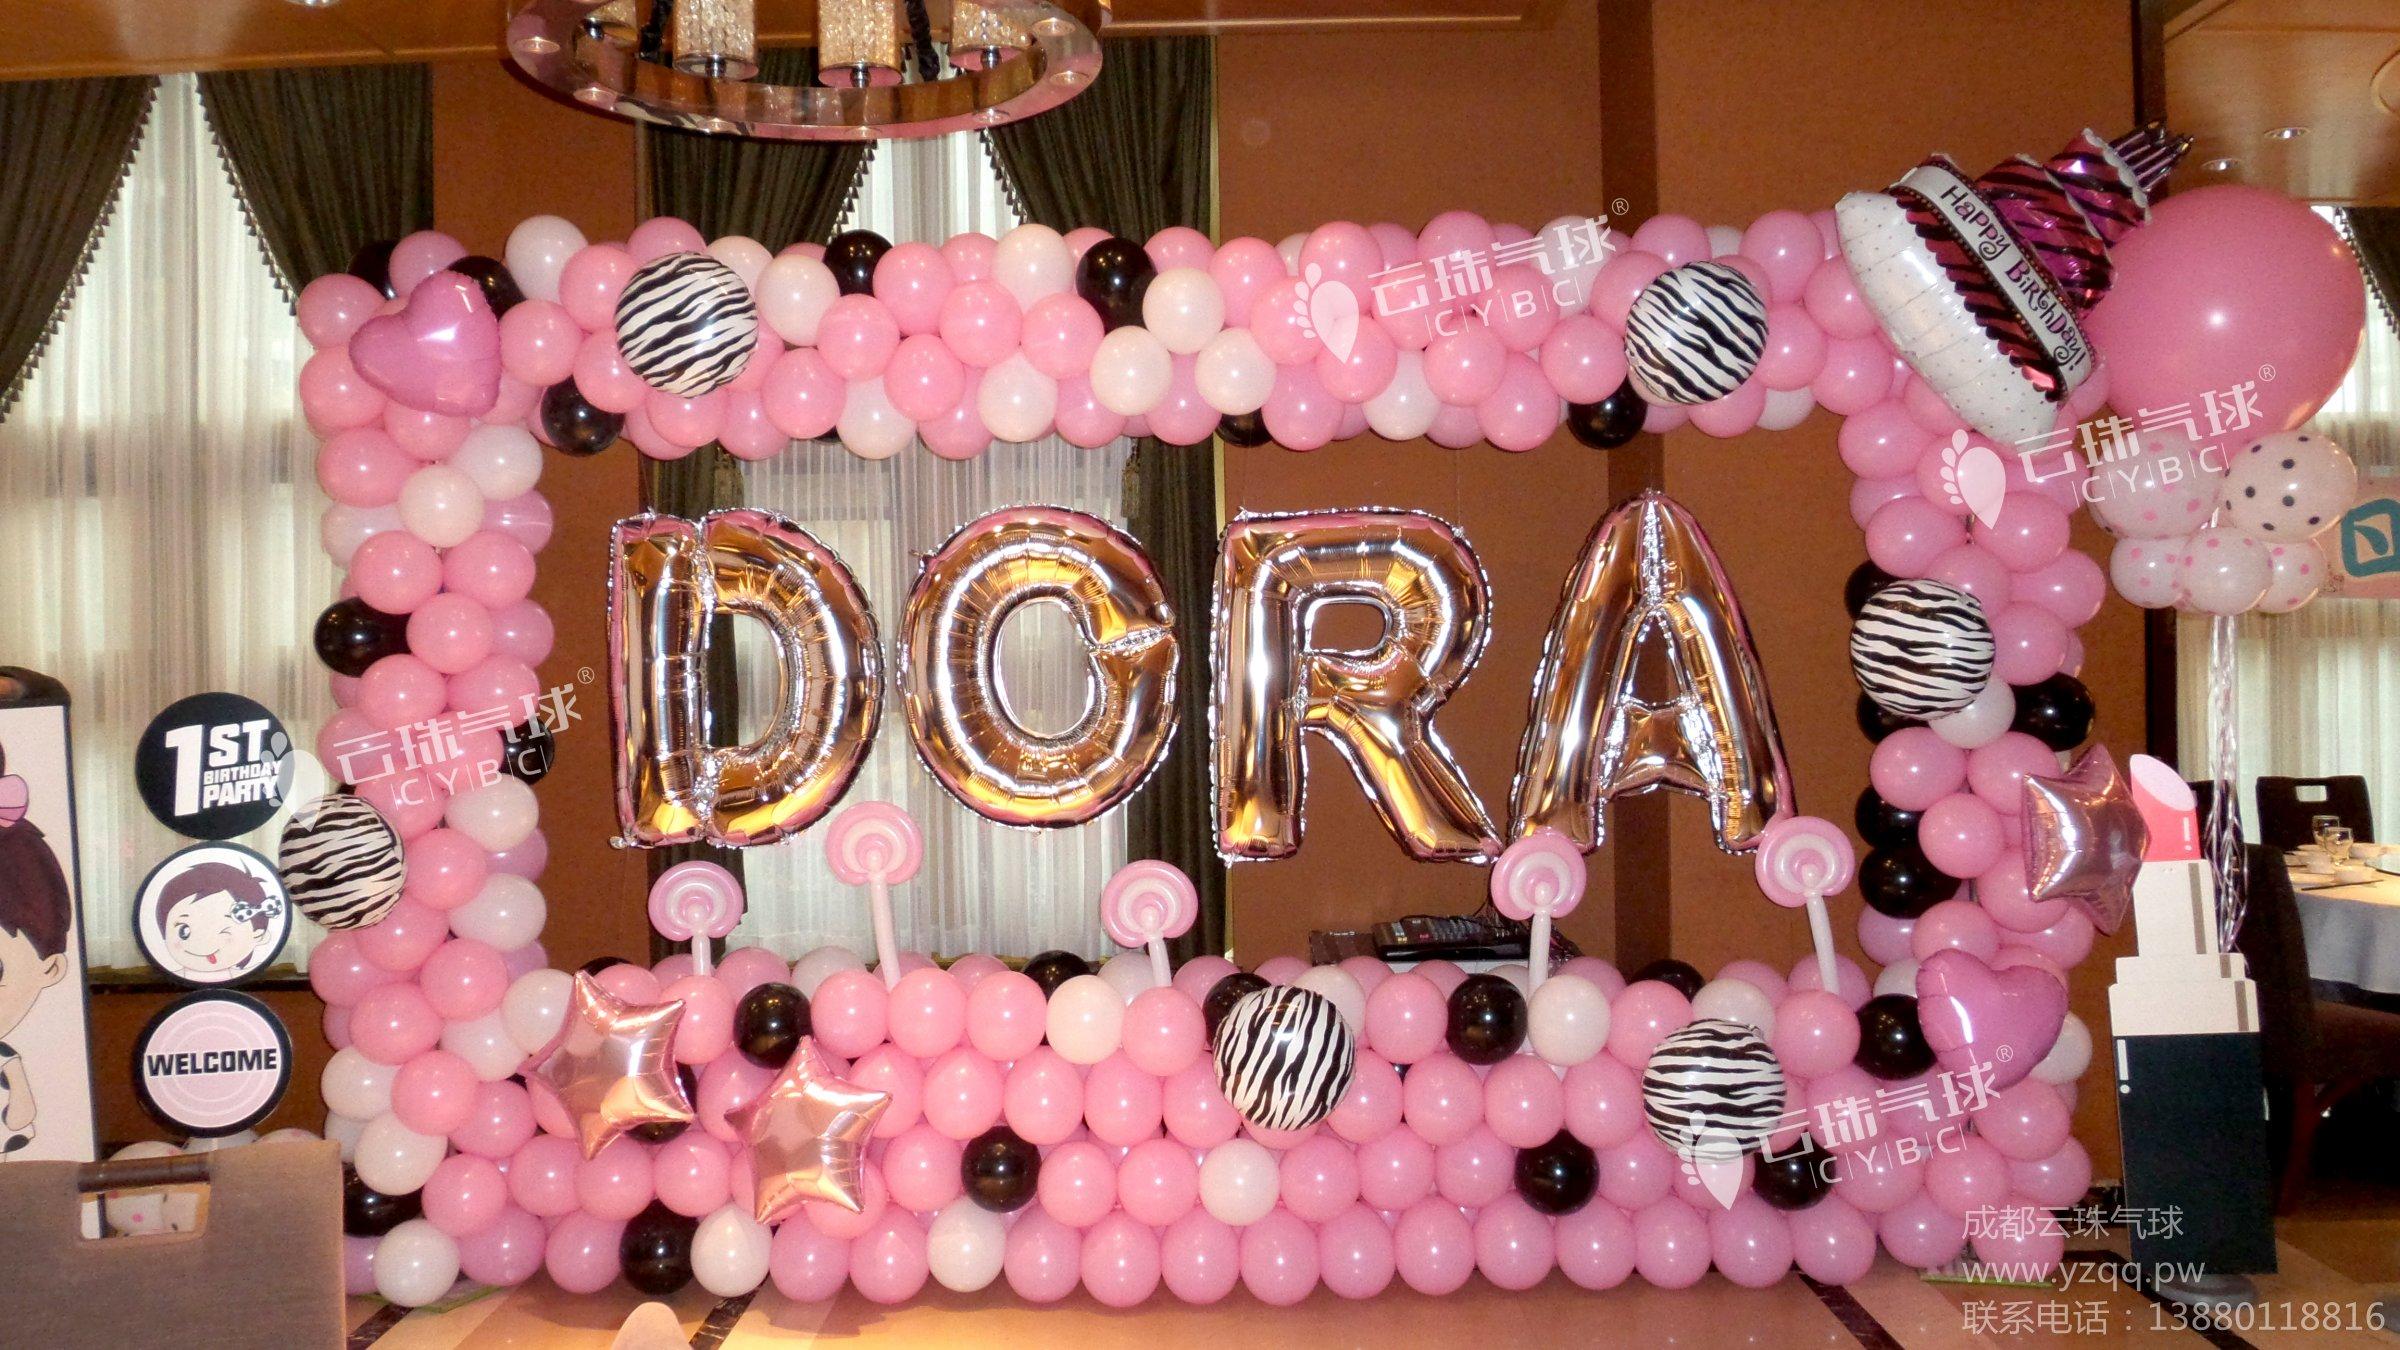 供应气球拍照区/气球百日宴/气球装饰/生日用气球装饰布置